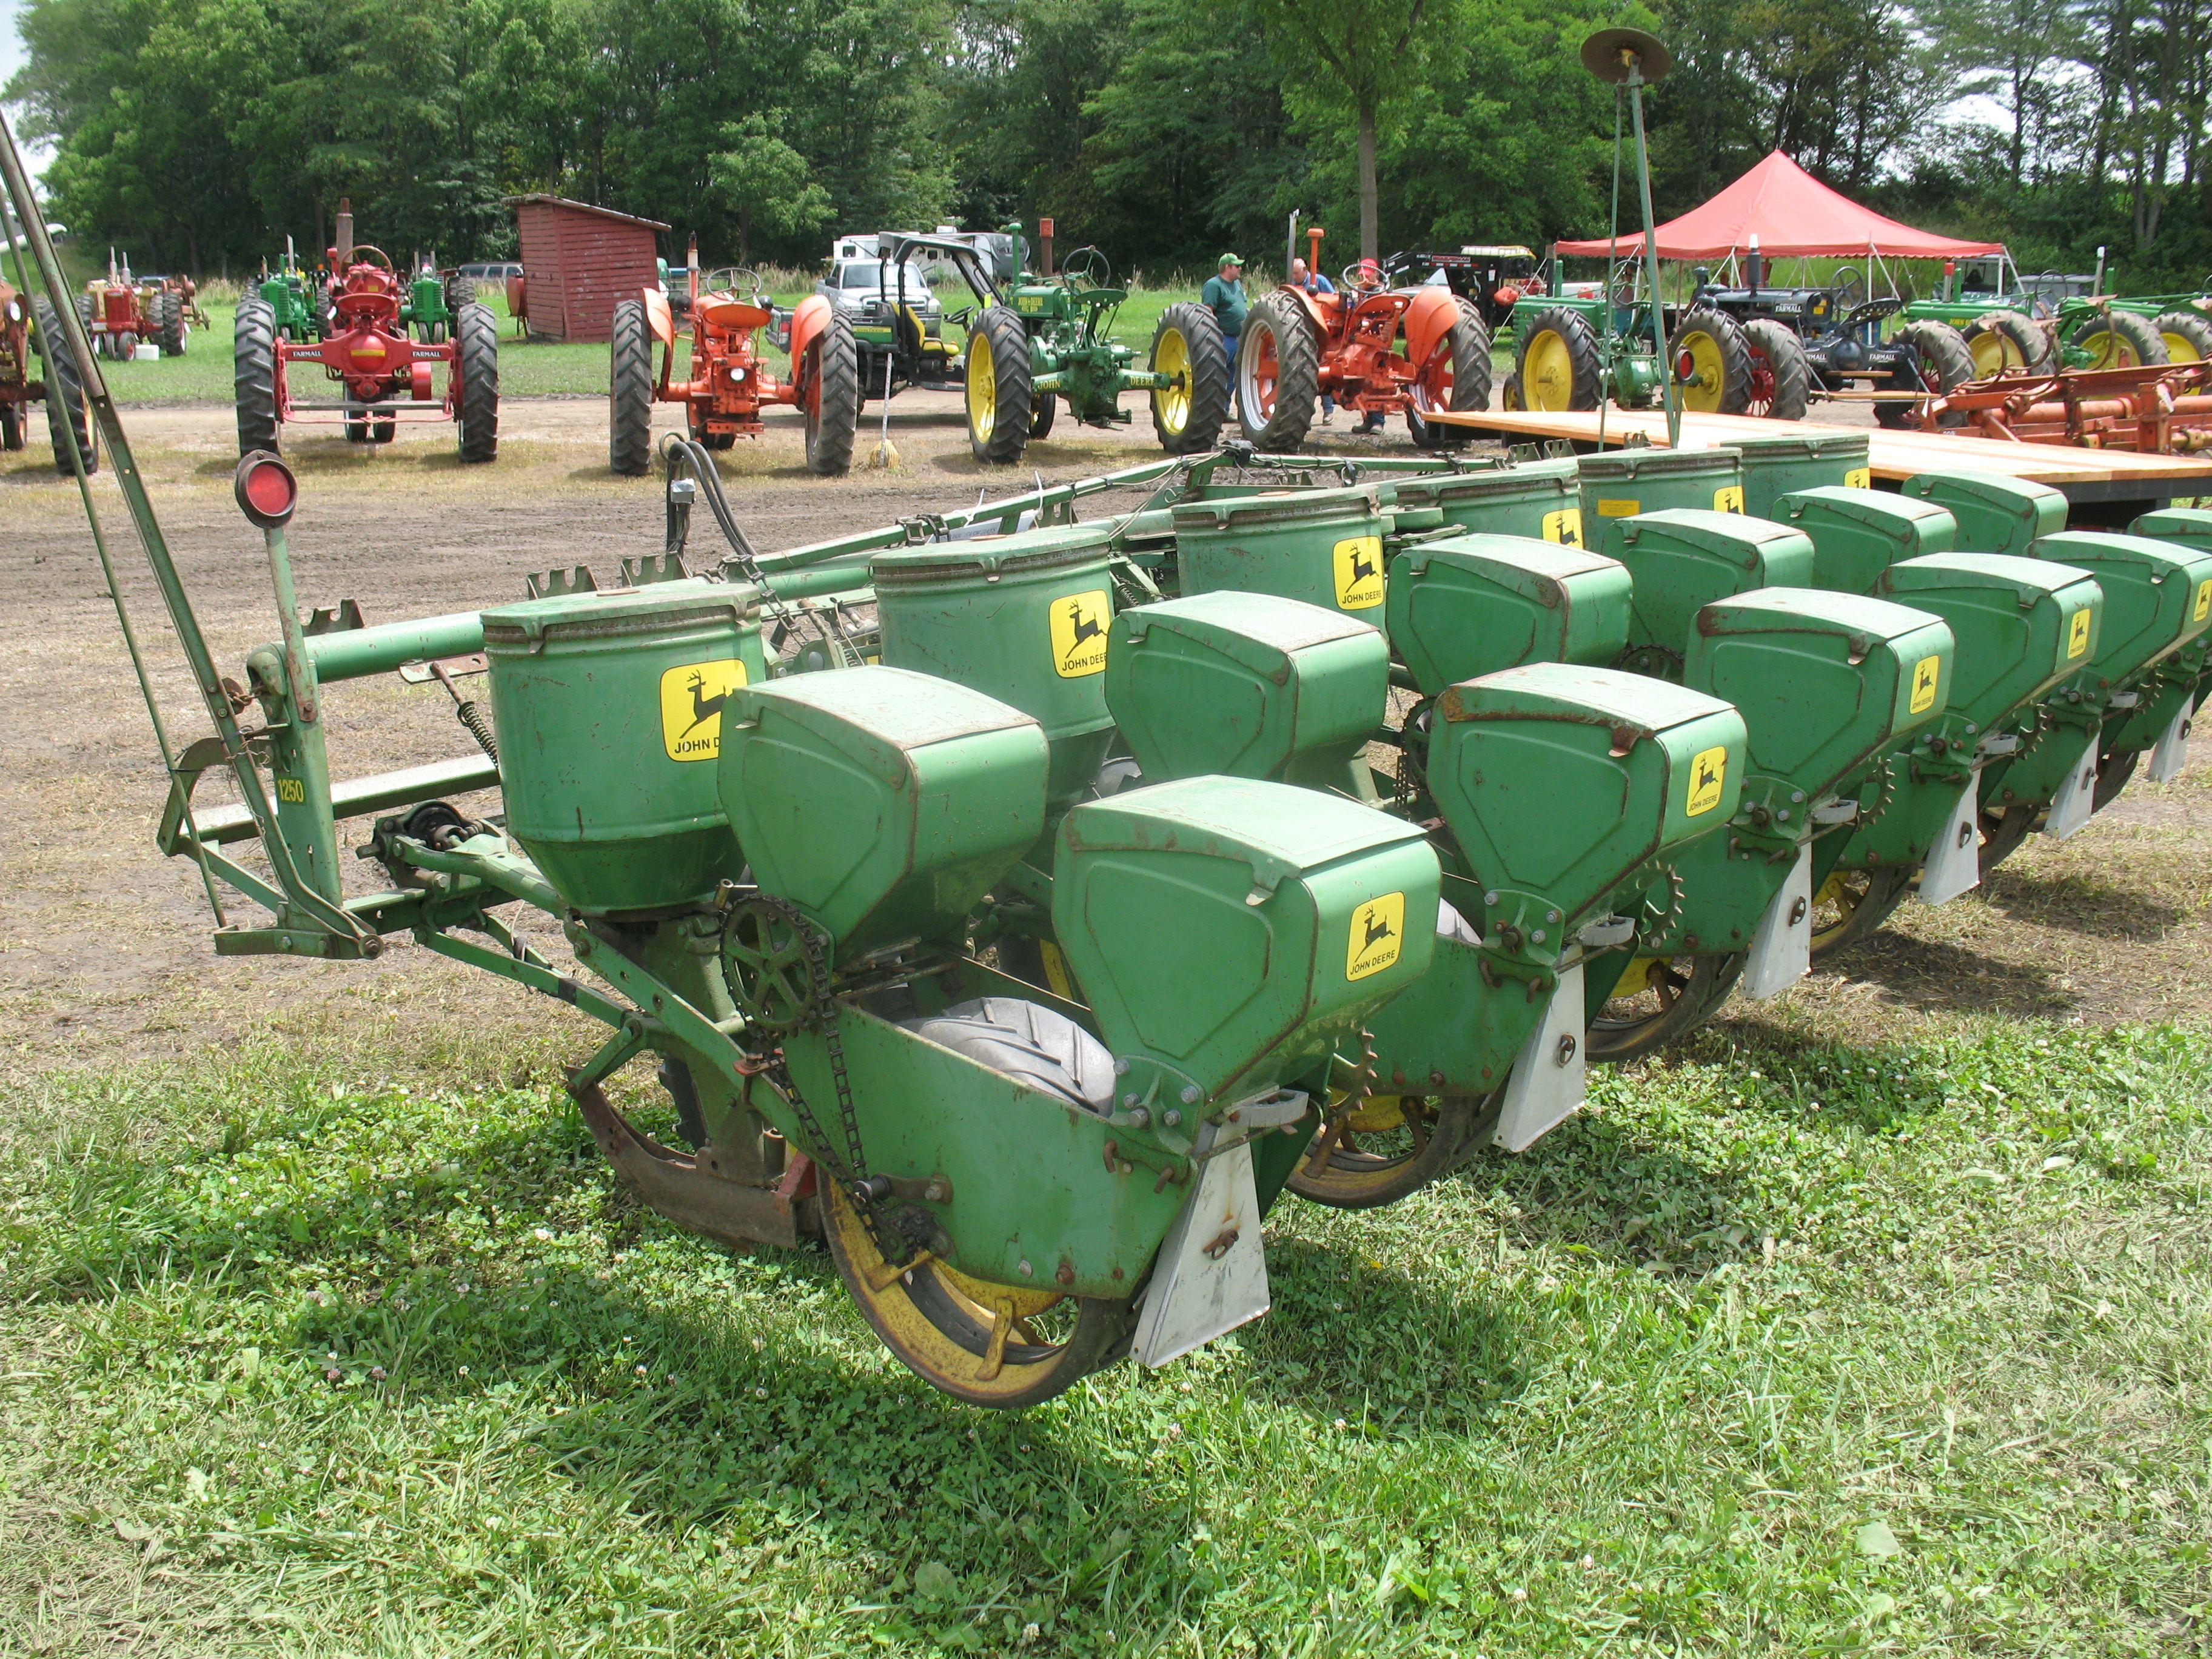 Vintage John Deere 6 Row Seed Planter Vintage Farm Tools Tractor